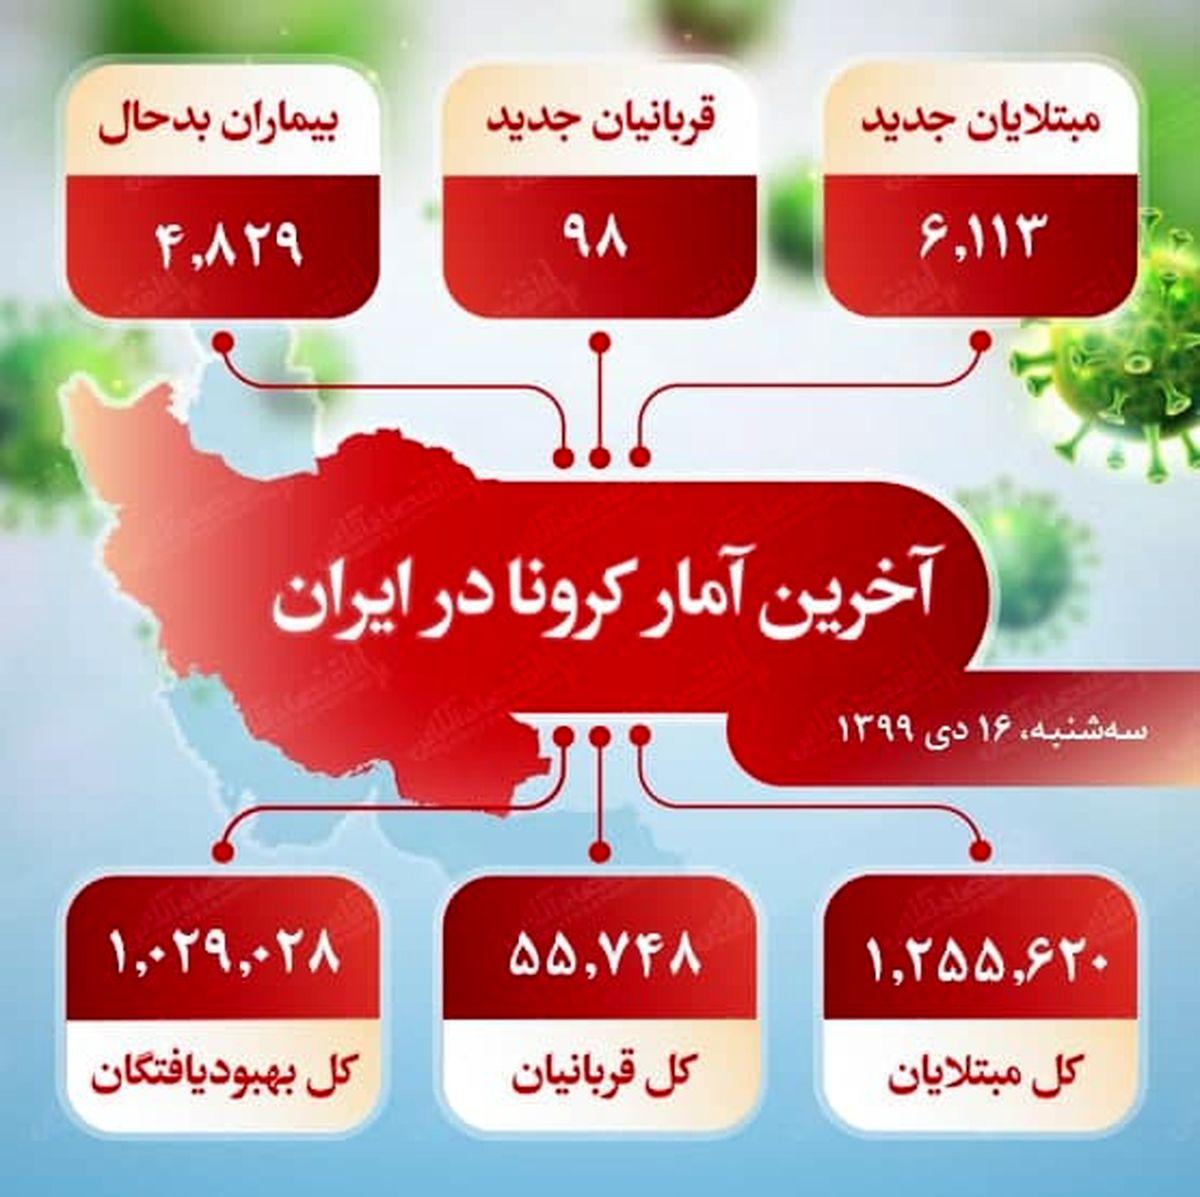 آخرین آمار کرونا در ایران (۹۹/۱۰/۱۶)